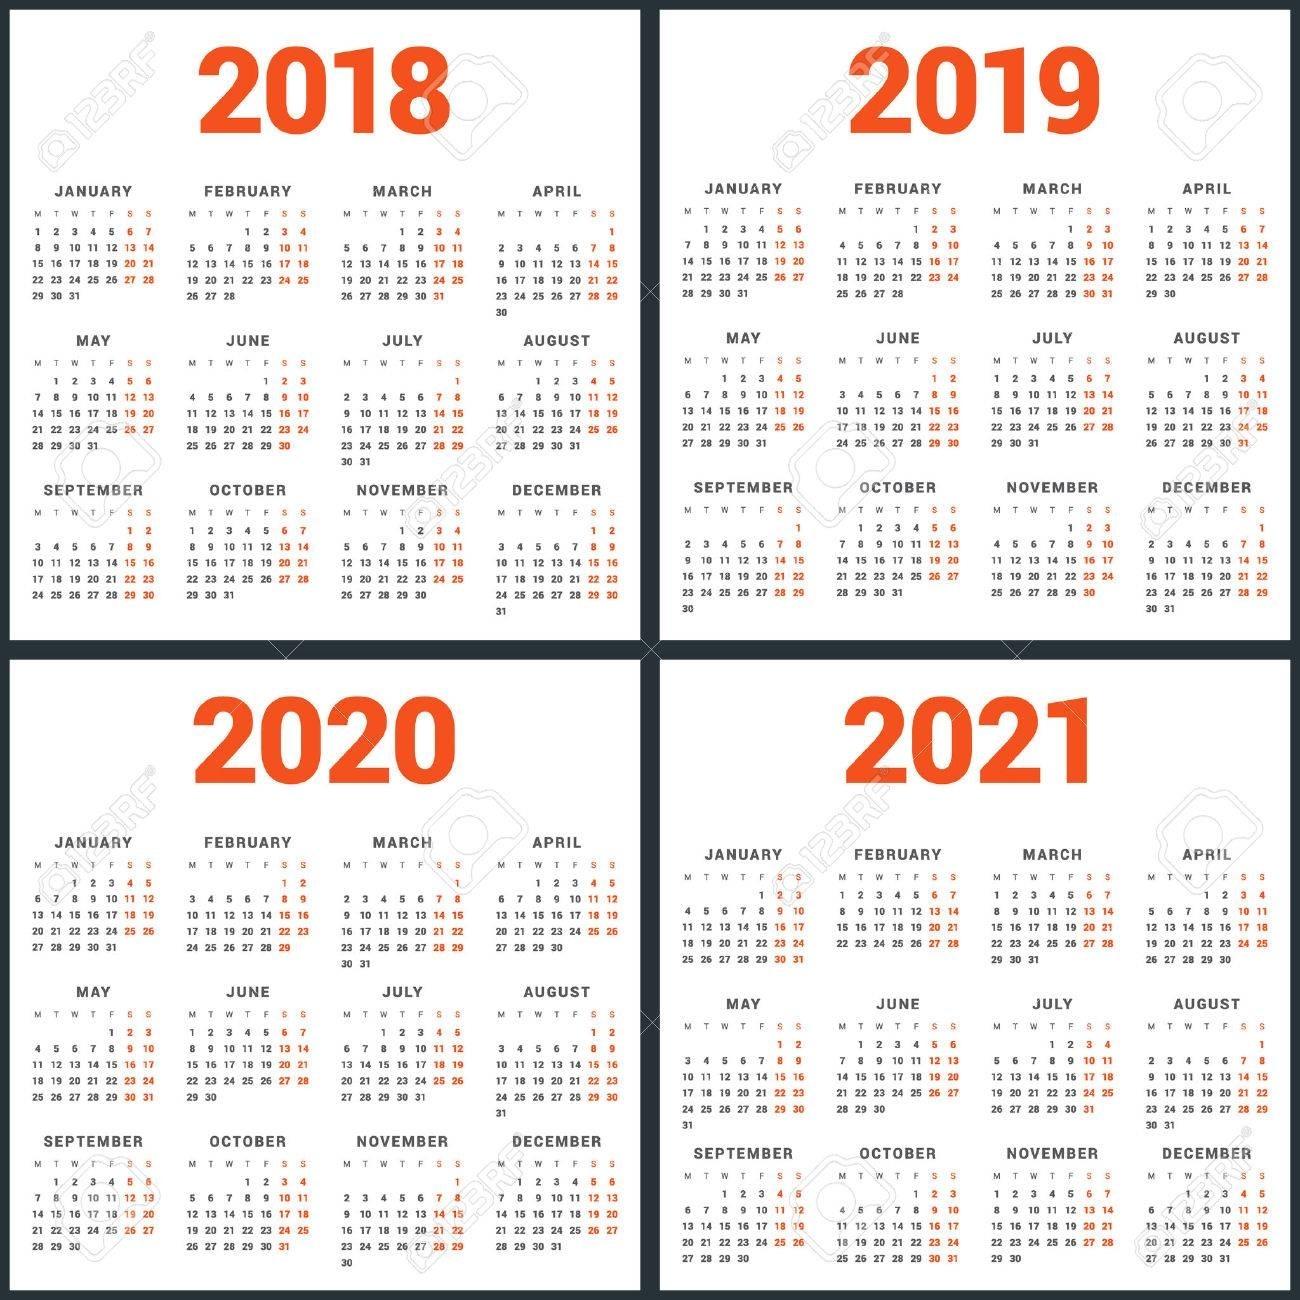 Set Of Calendars For 2018, 2019, 2020, 2021 Years. Week Starts regarding Week Count Calendar 2019-2020